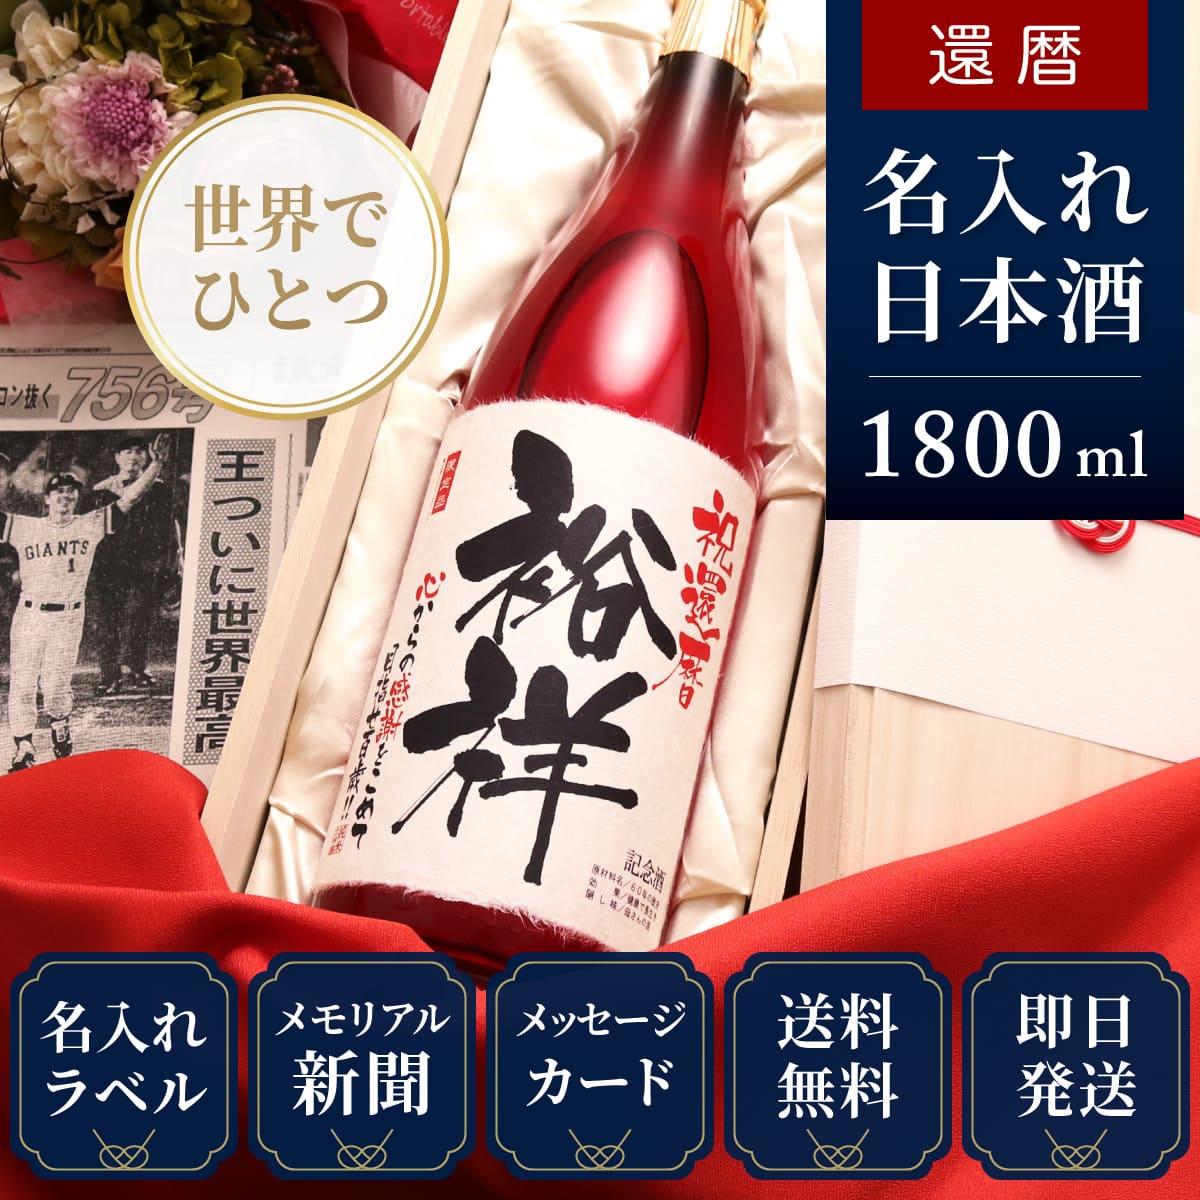 還暦祝いプレゼント|記念日の新聞付き名入れ「真紅」1800ml(日本酒)